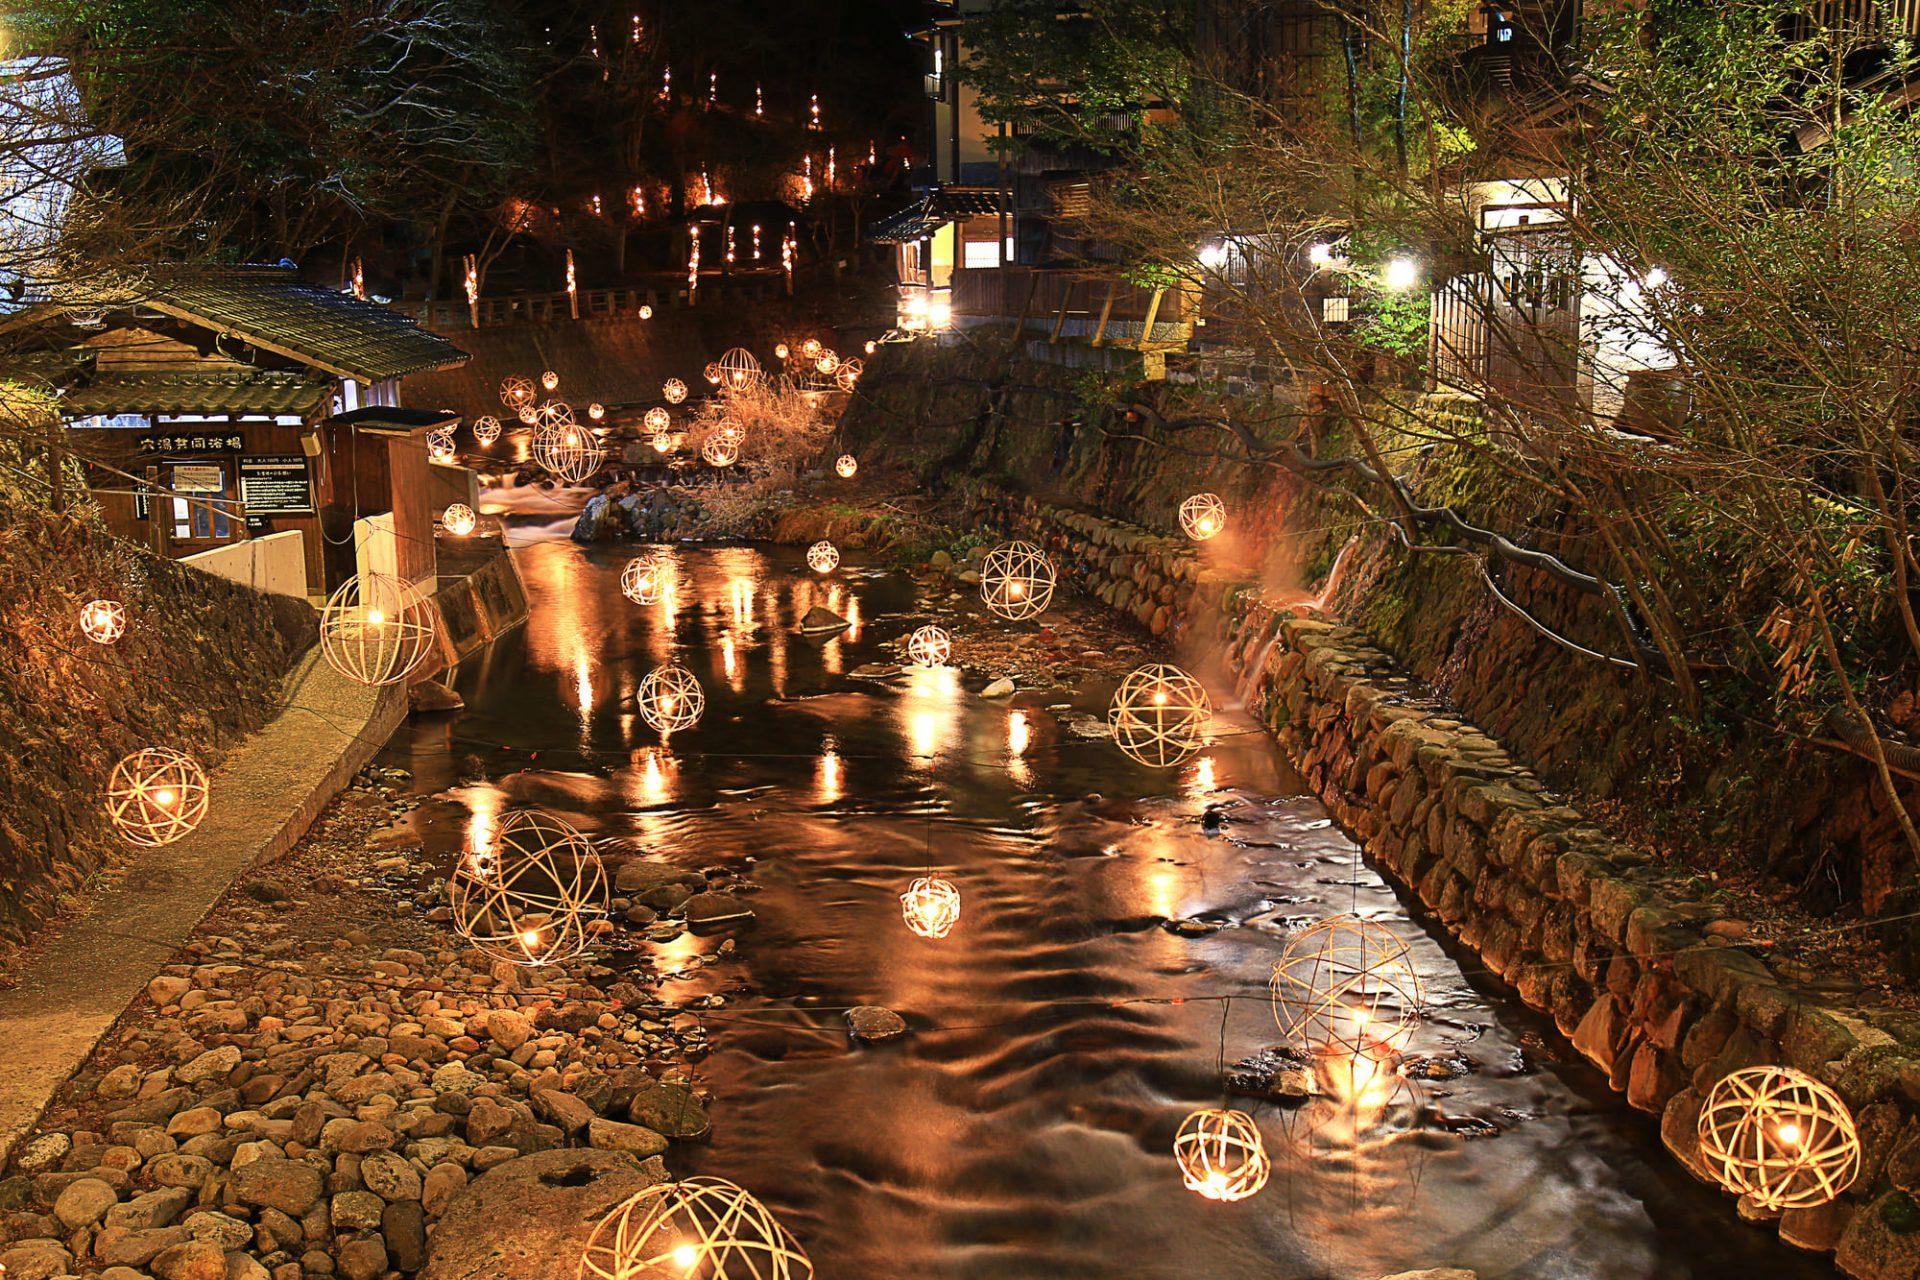 黒川温泉 熊本 九州 観光 名所 旅行 人気